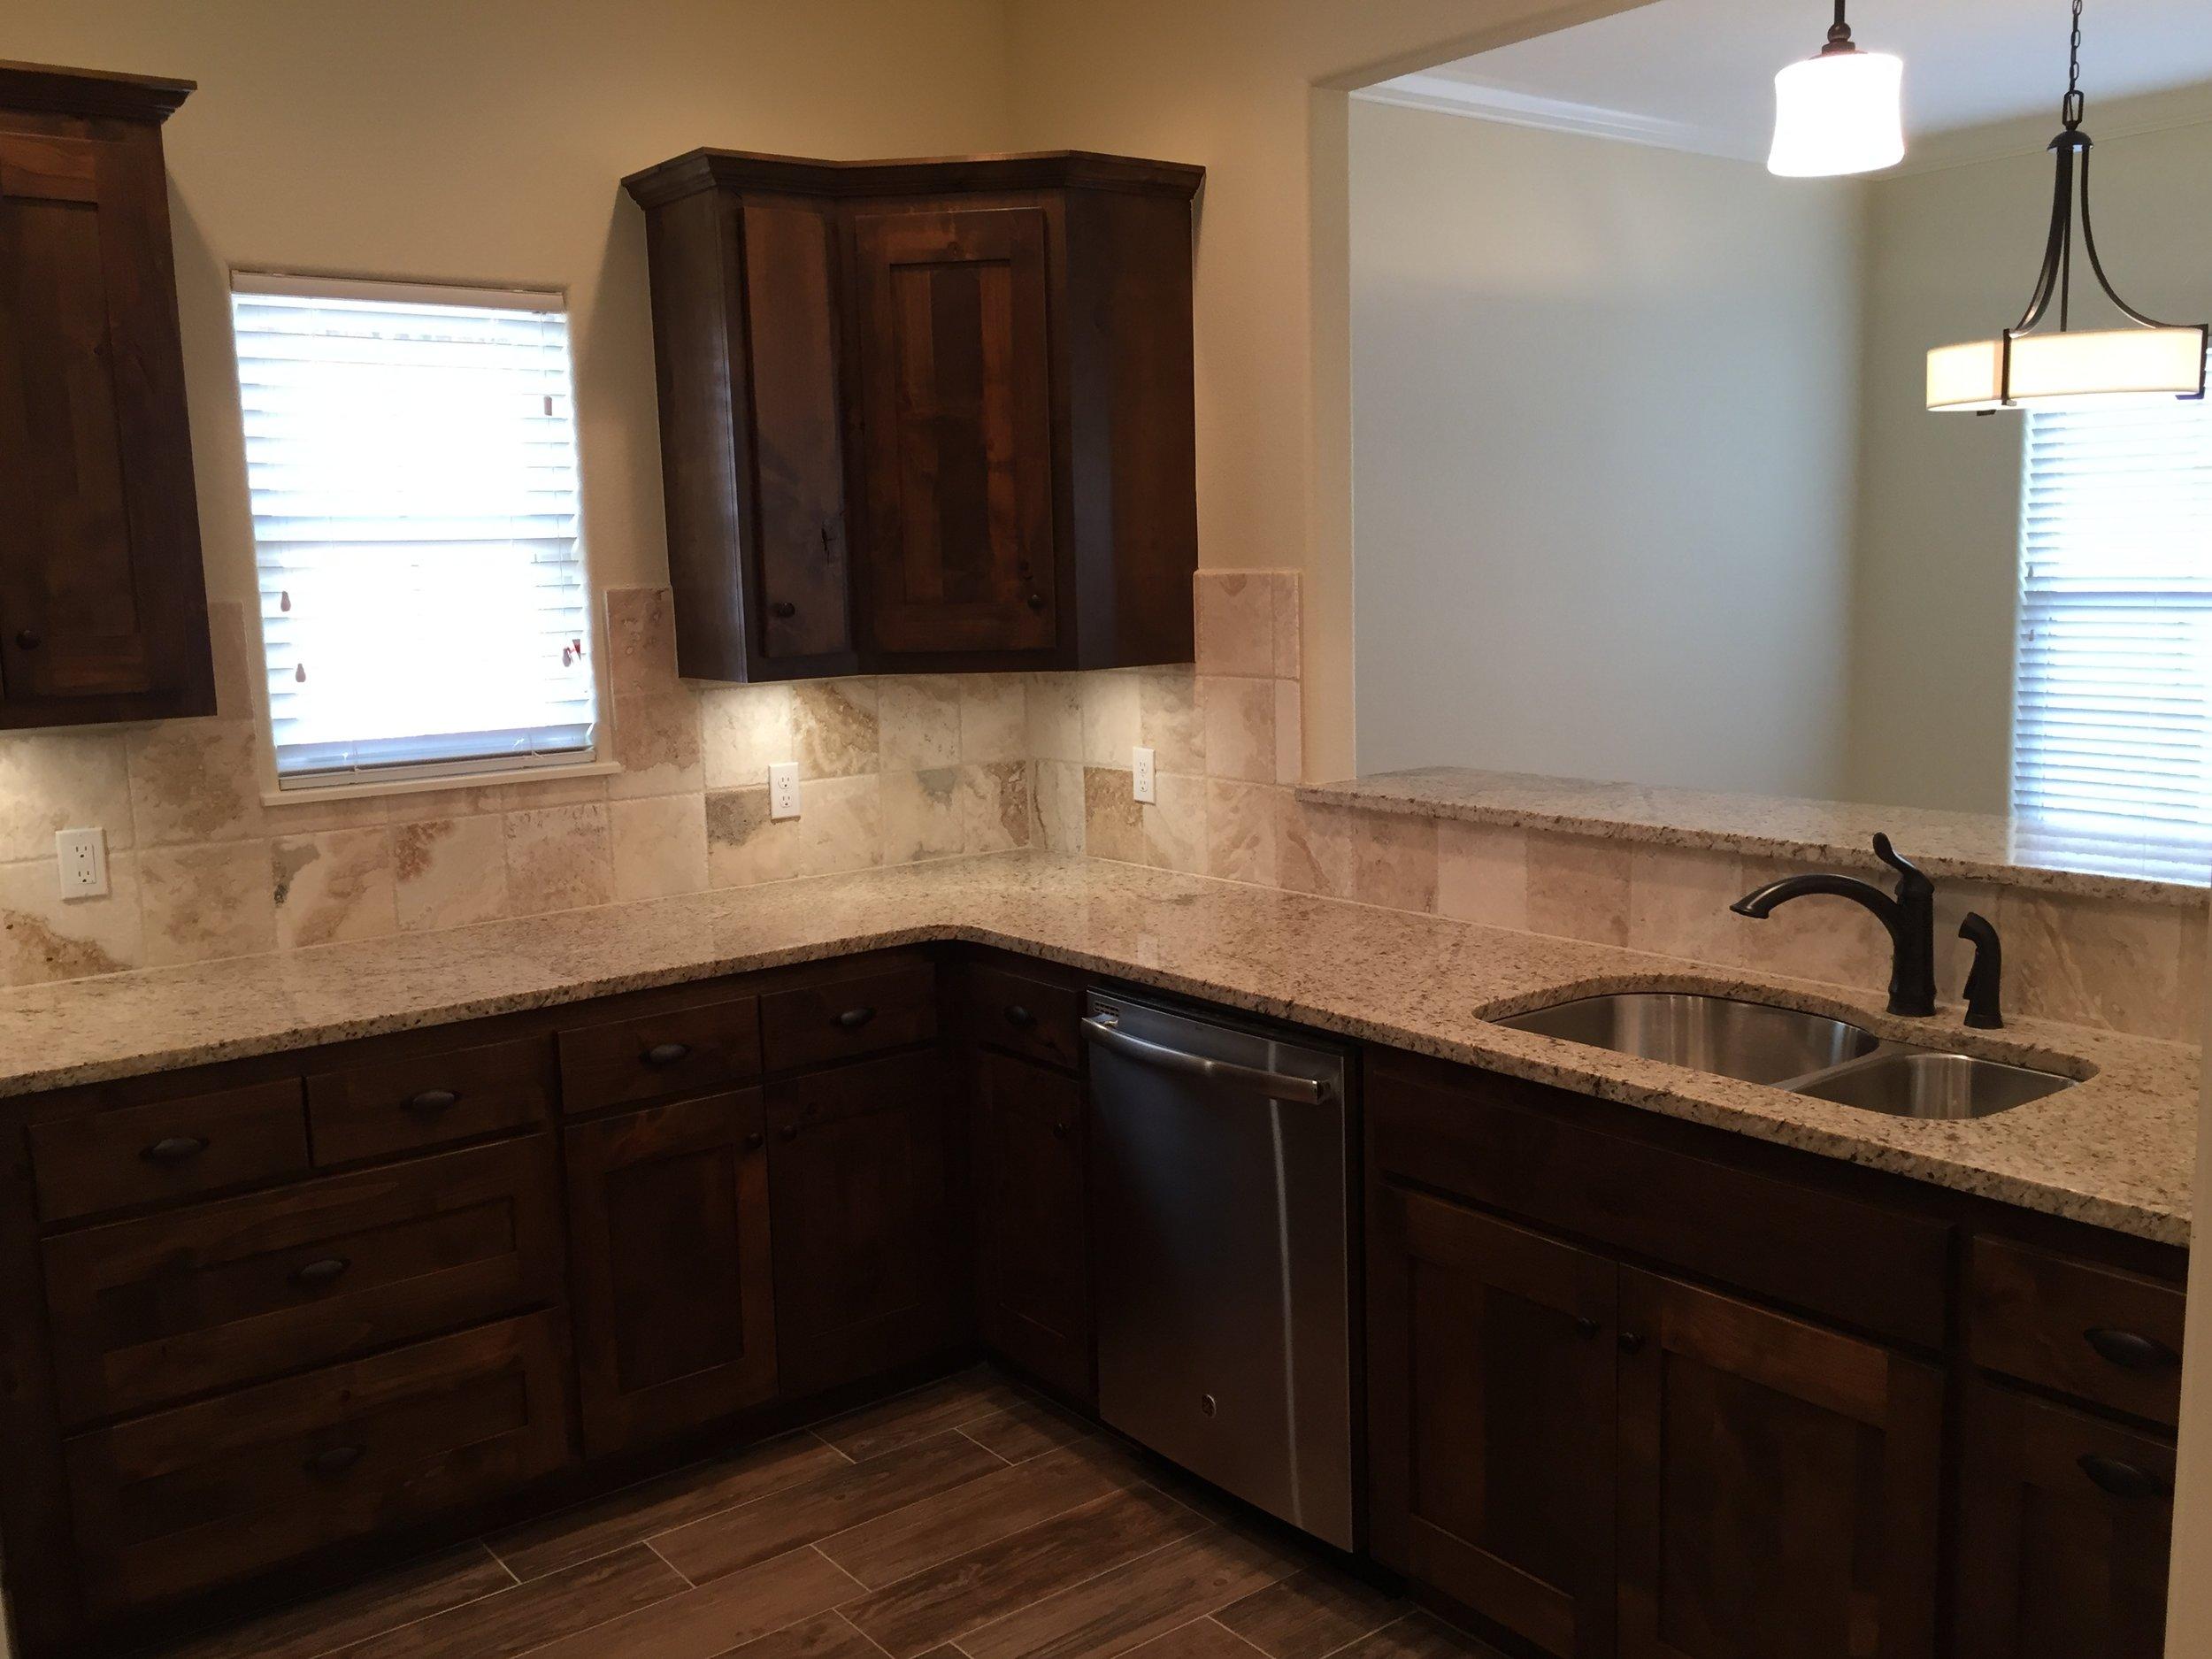 3443 kitchen sink